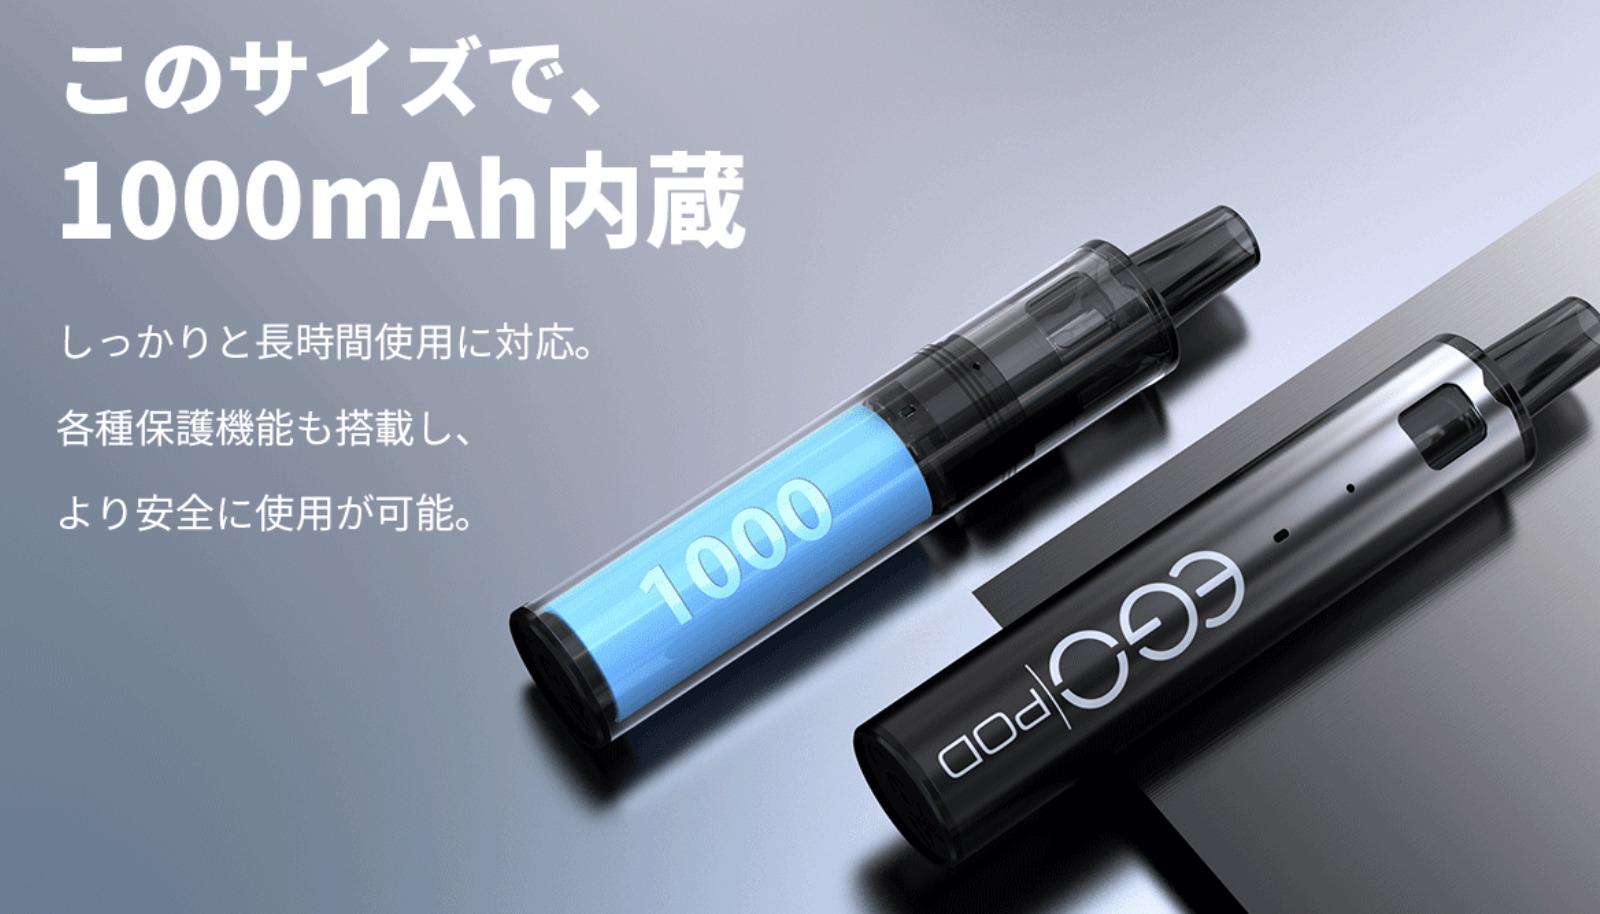 ego pod ASTのバッテリー容量